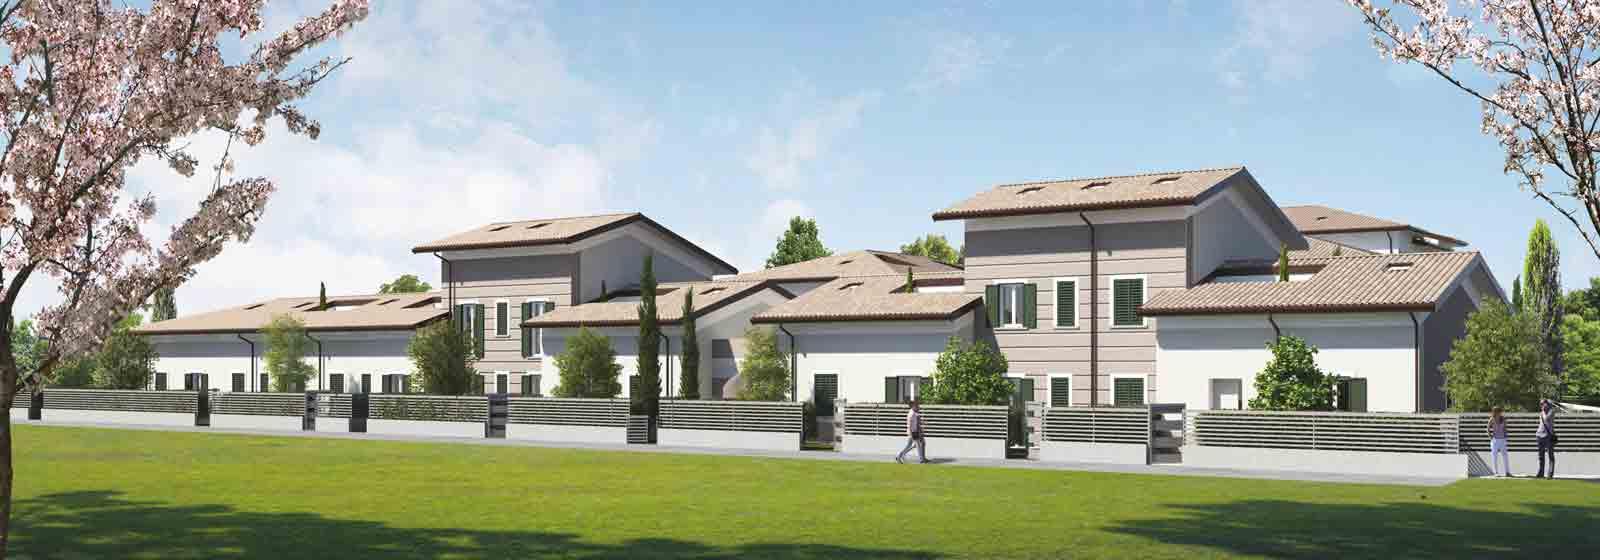 Appartamenti e Villette a Casinalbo di nuova costruzione – Rif C011